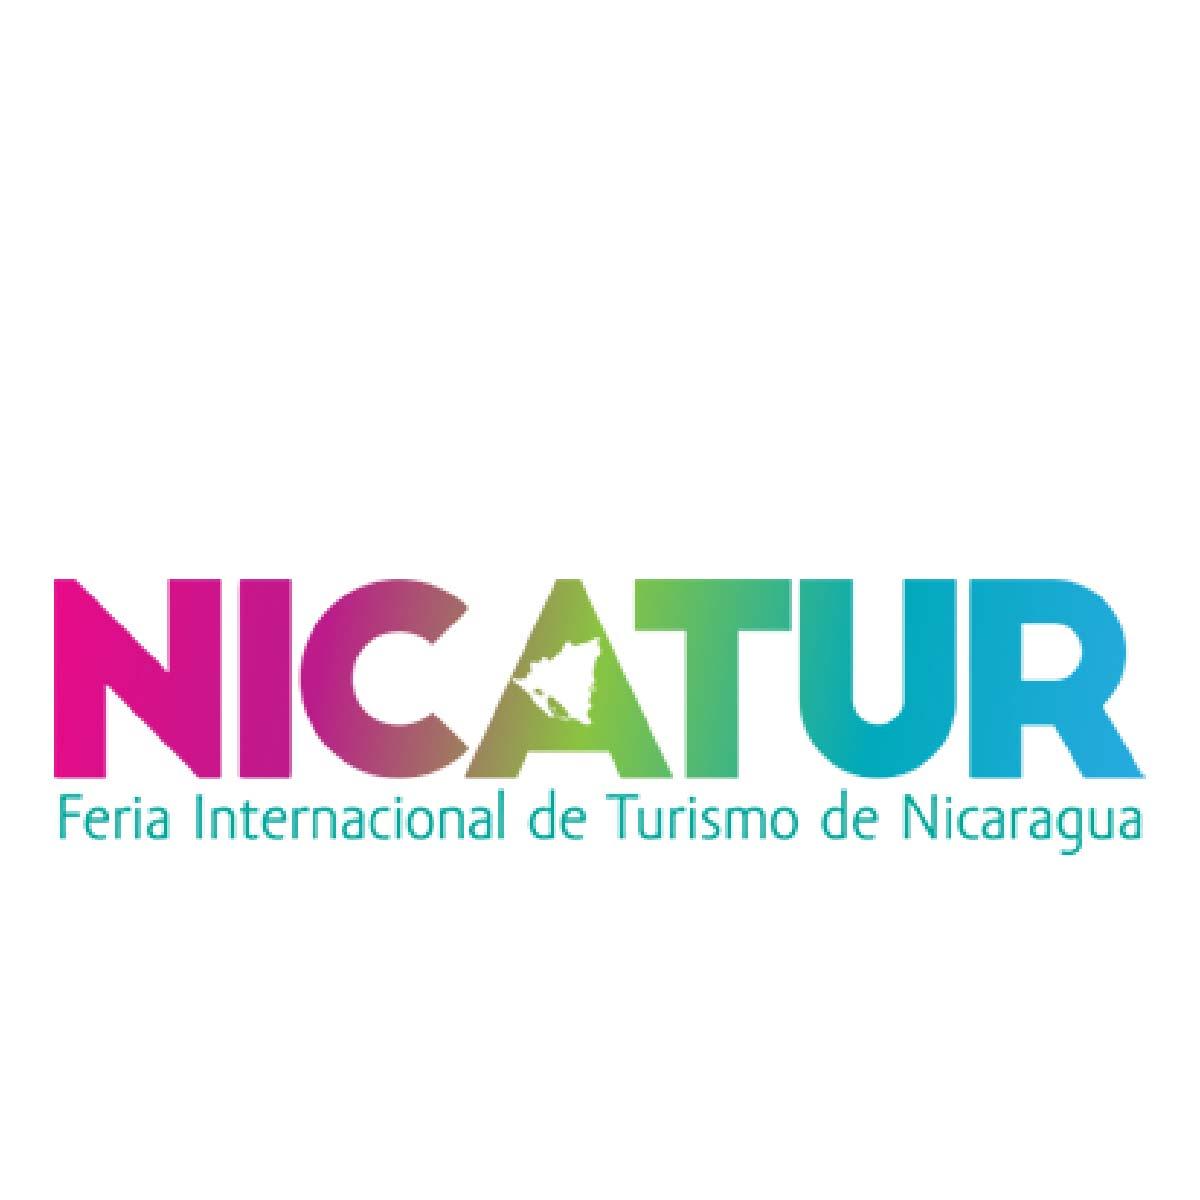 Nicatur